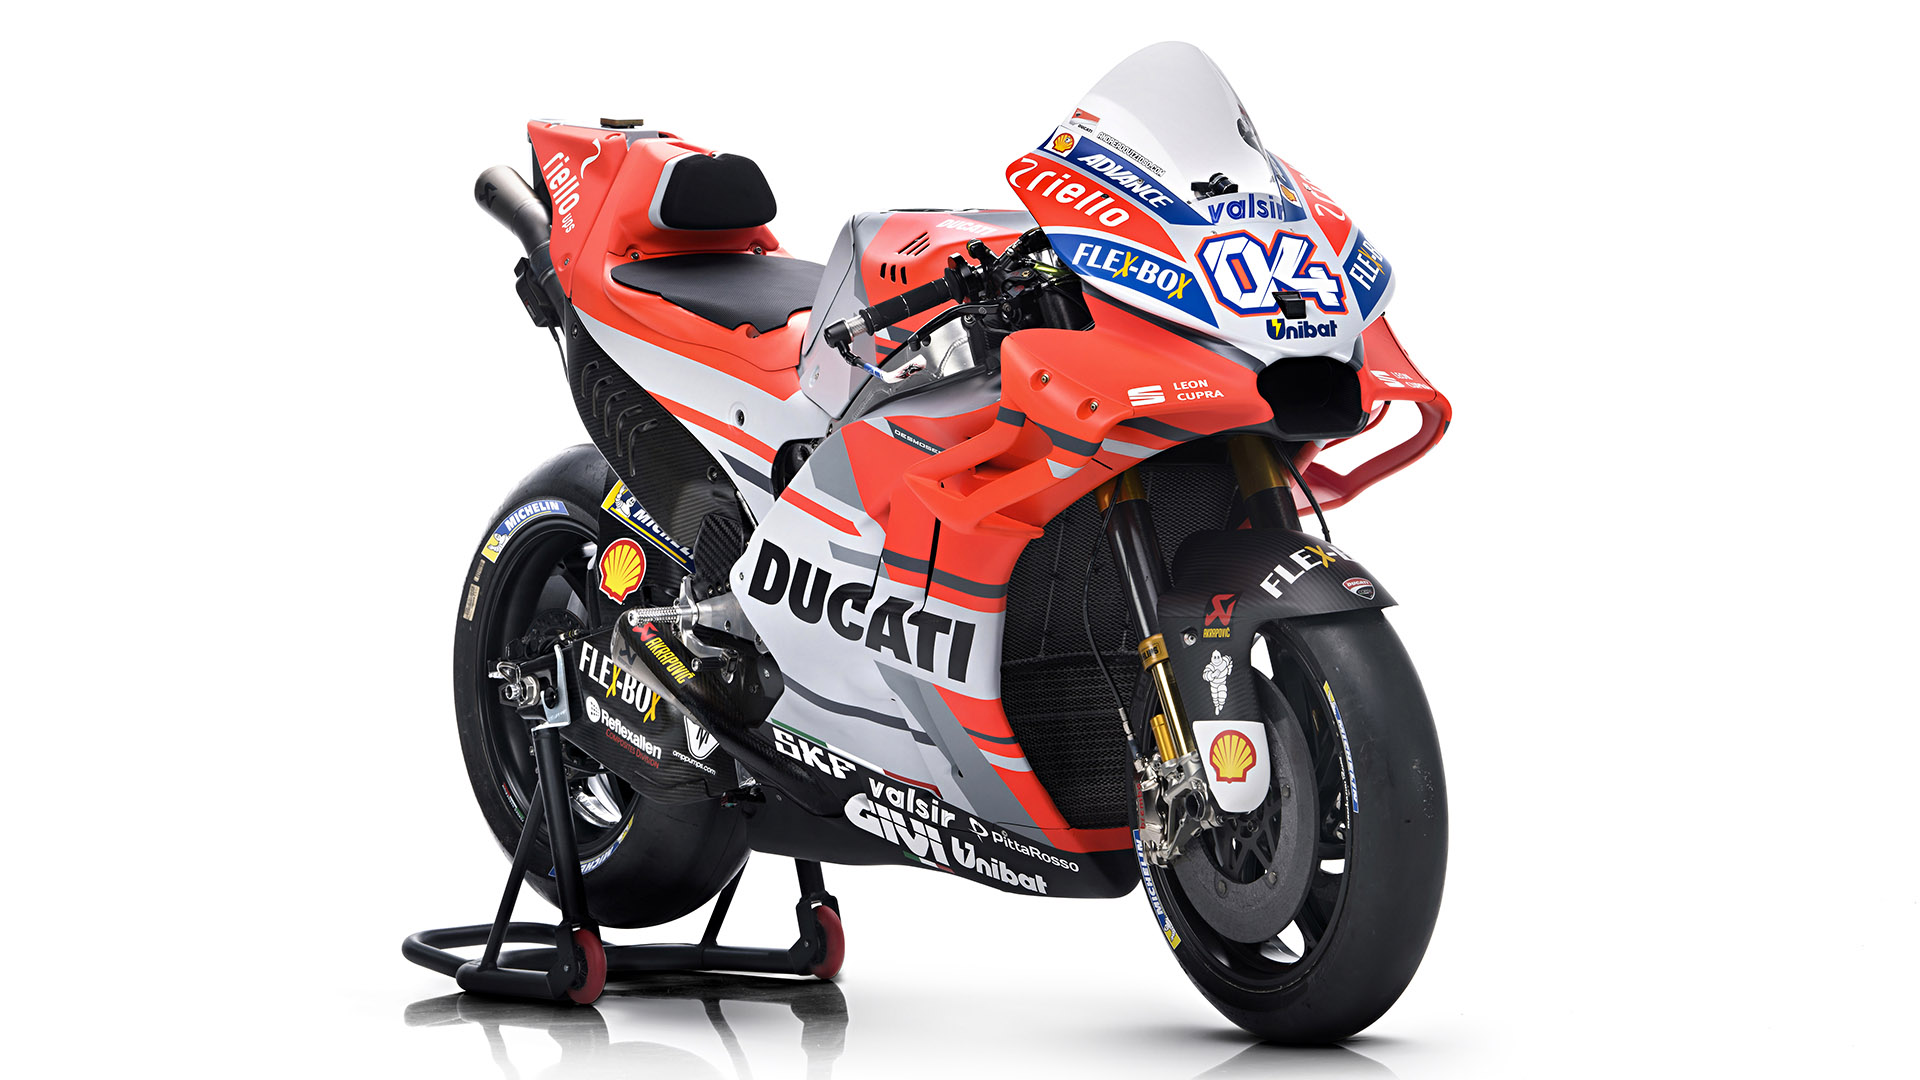 Motogp Ducati Specs